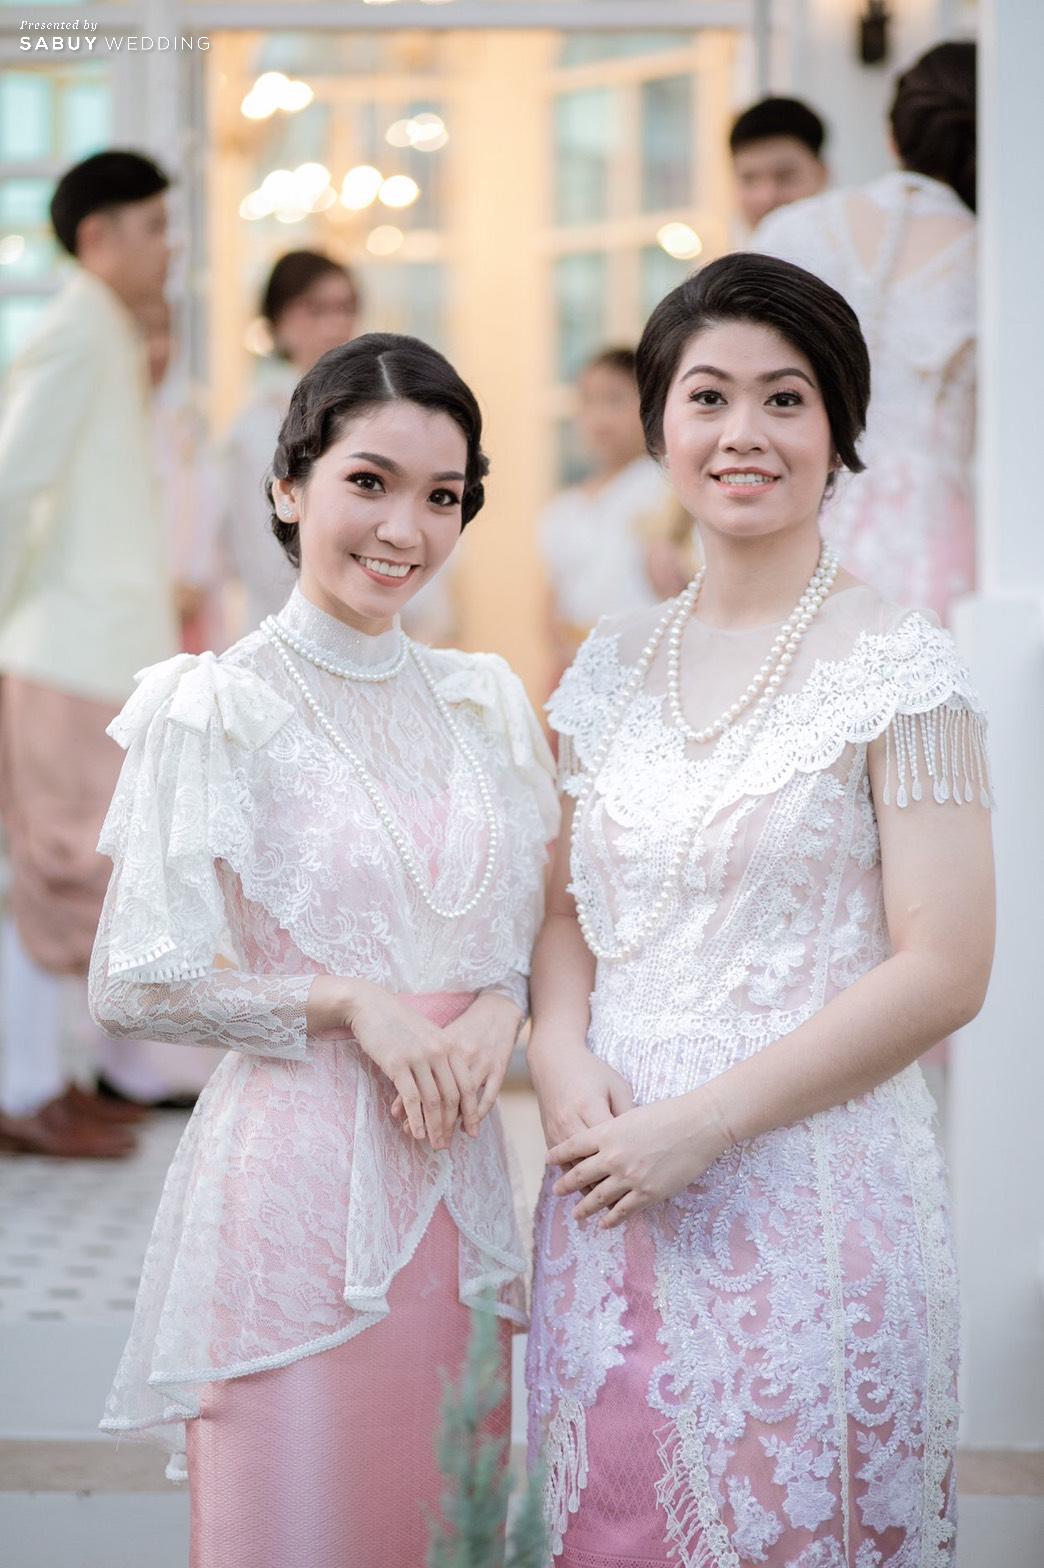 เพื่อนเจ้าสาว รีวิวงานแต่งเสน่ห์ไทย ในสถานที่สไตล์โคโลเนียล @ House of Chandra